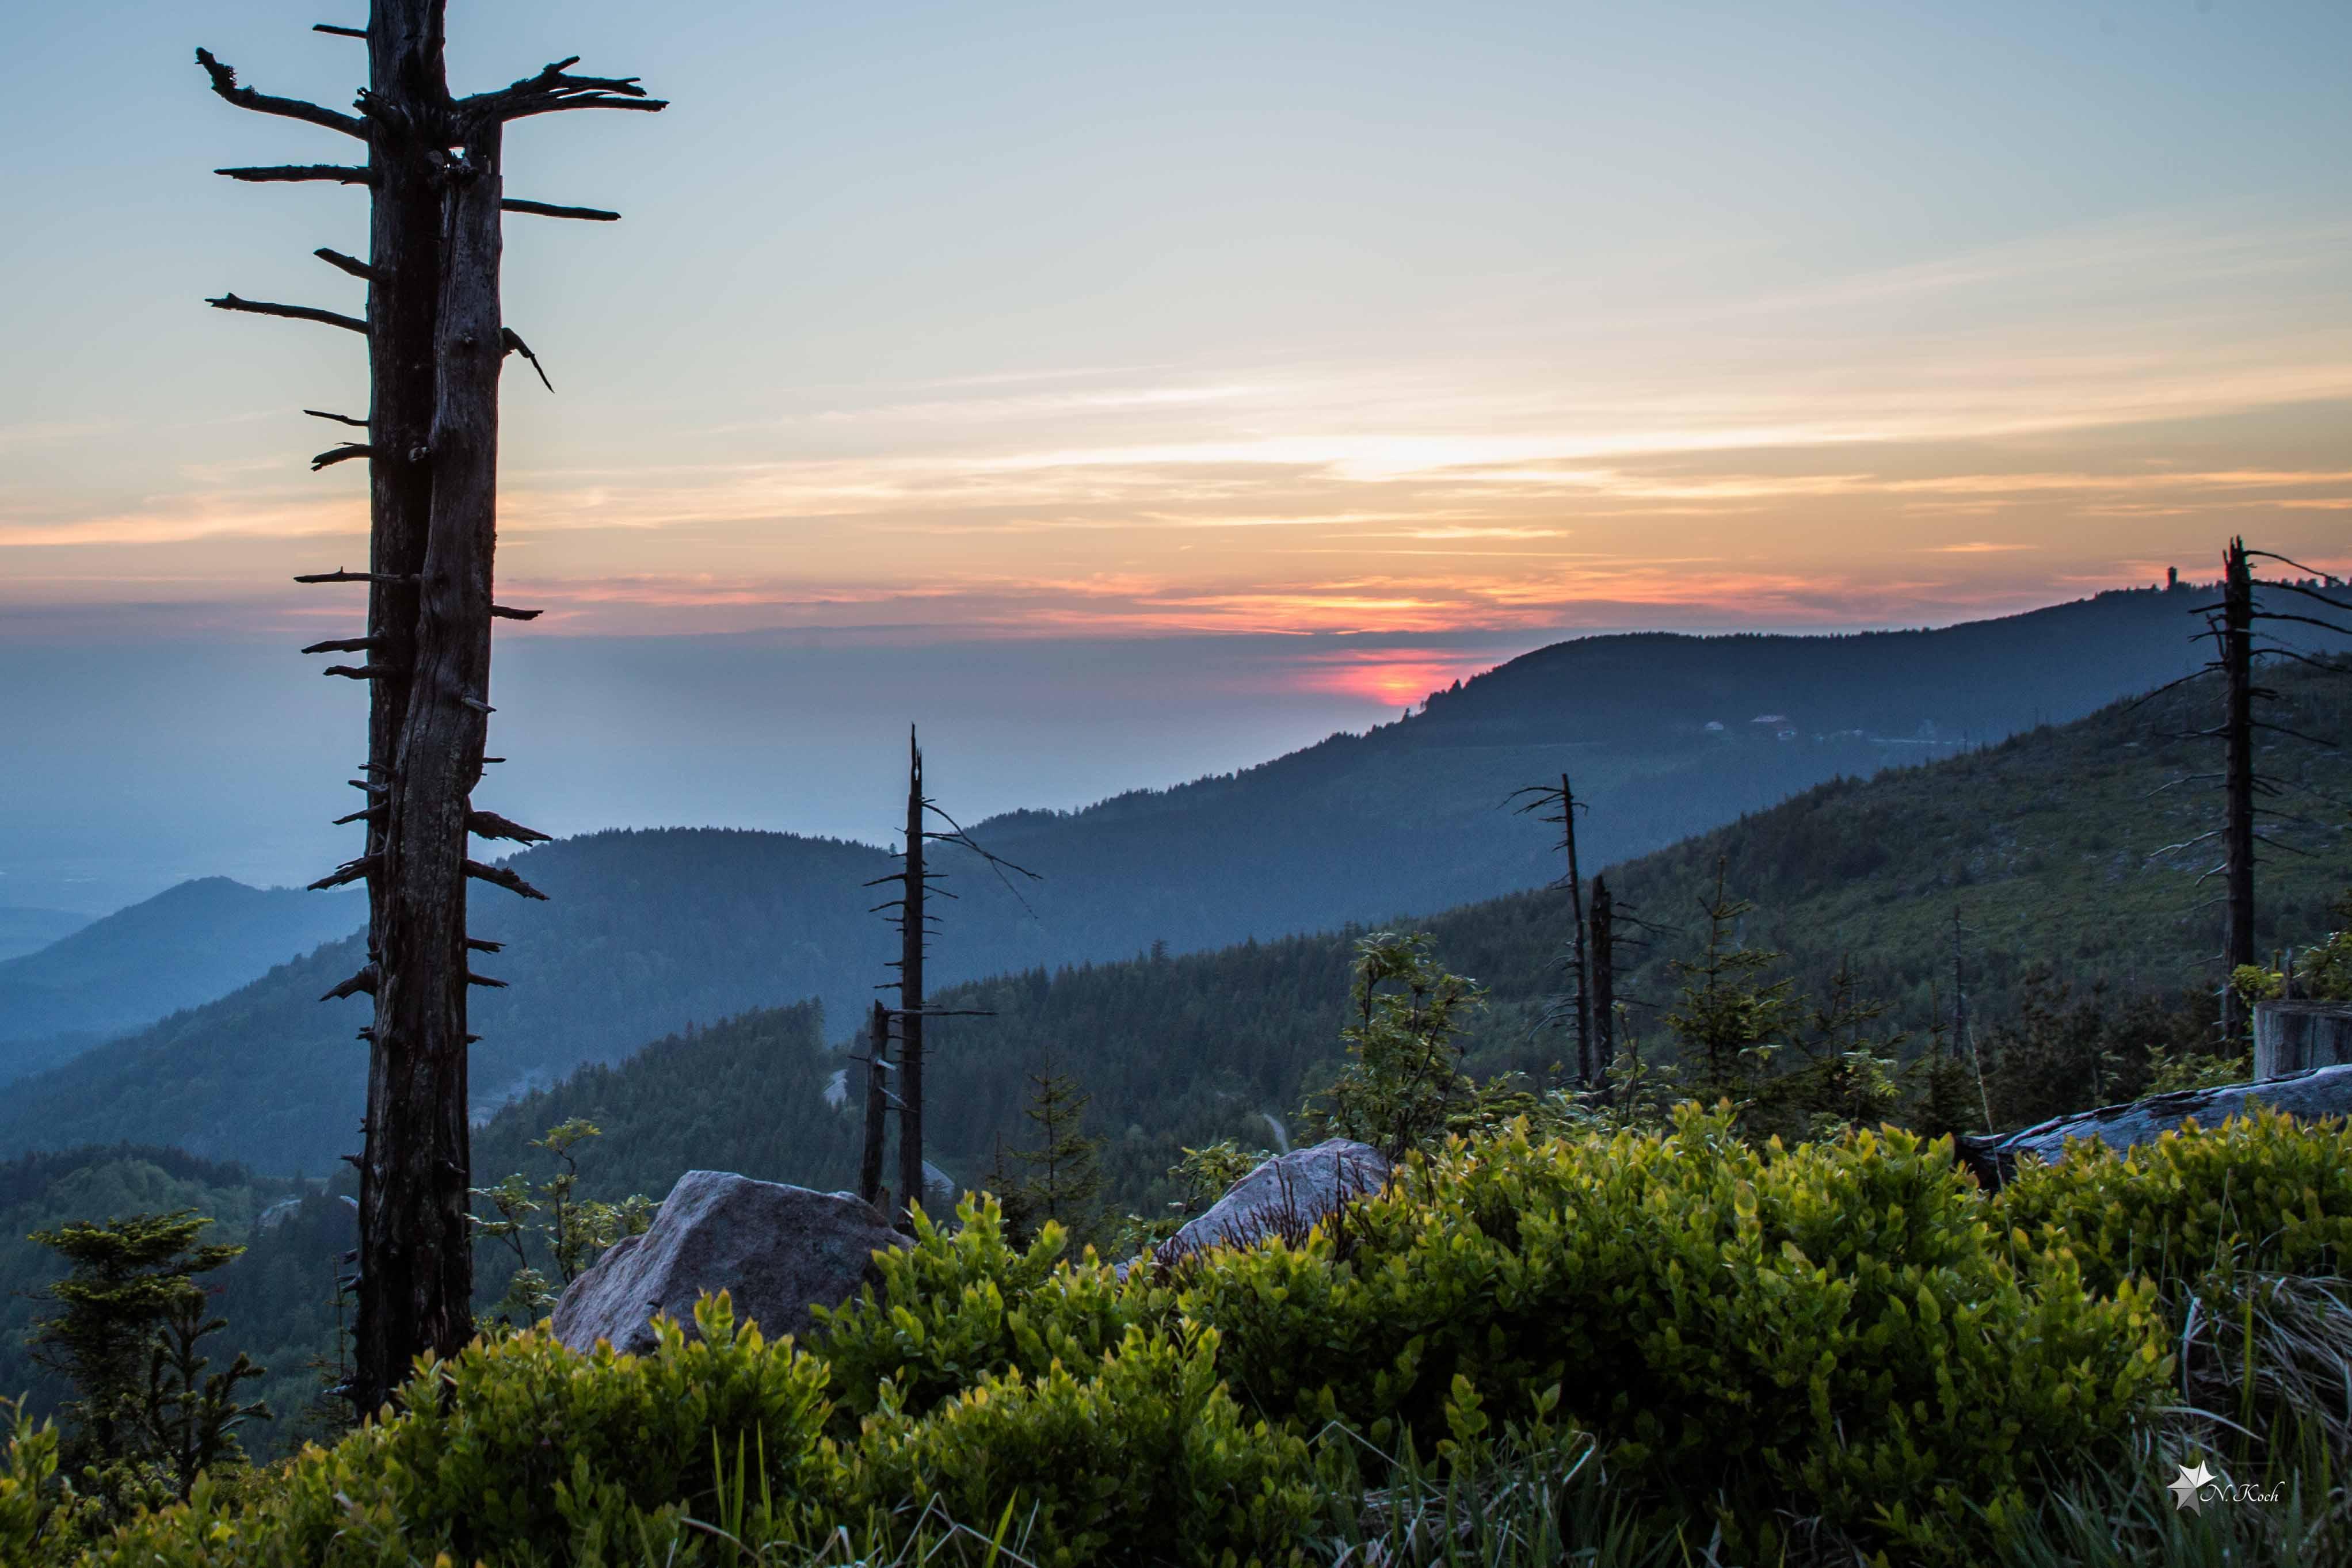 2015, Blackforest | Mountain range at sunset